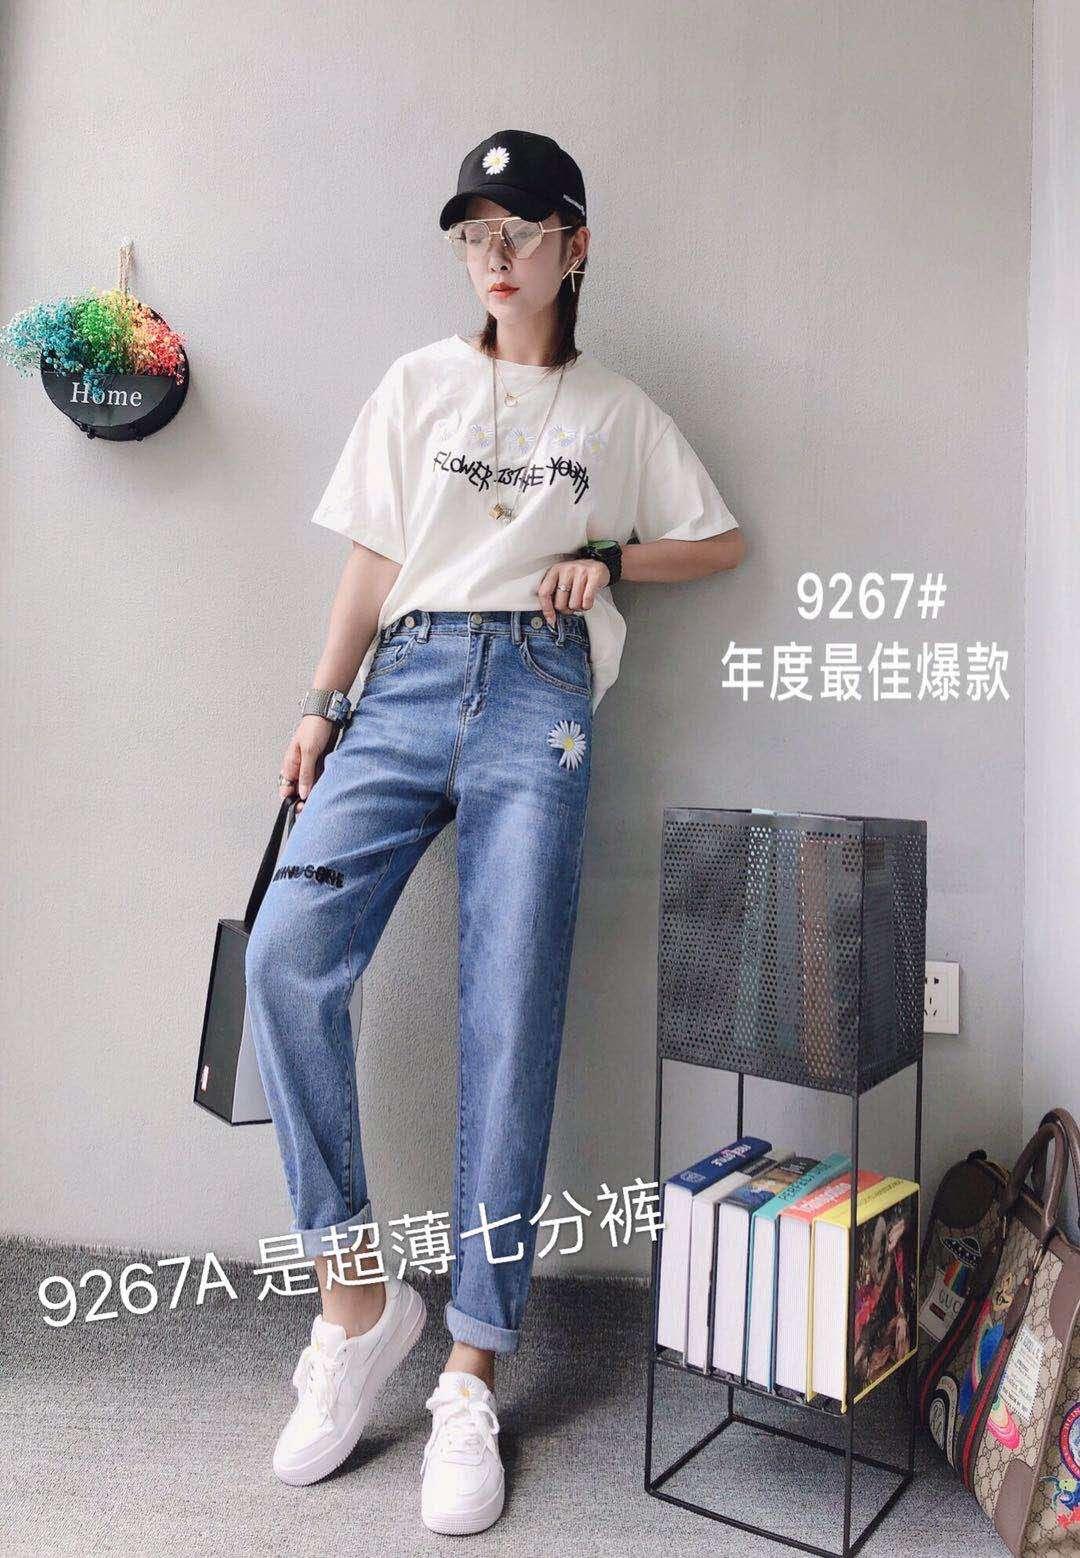 2020夏季大码女裤胖mm新款超薄高腰弹力九分牛仔裤9267A